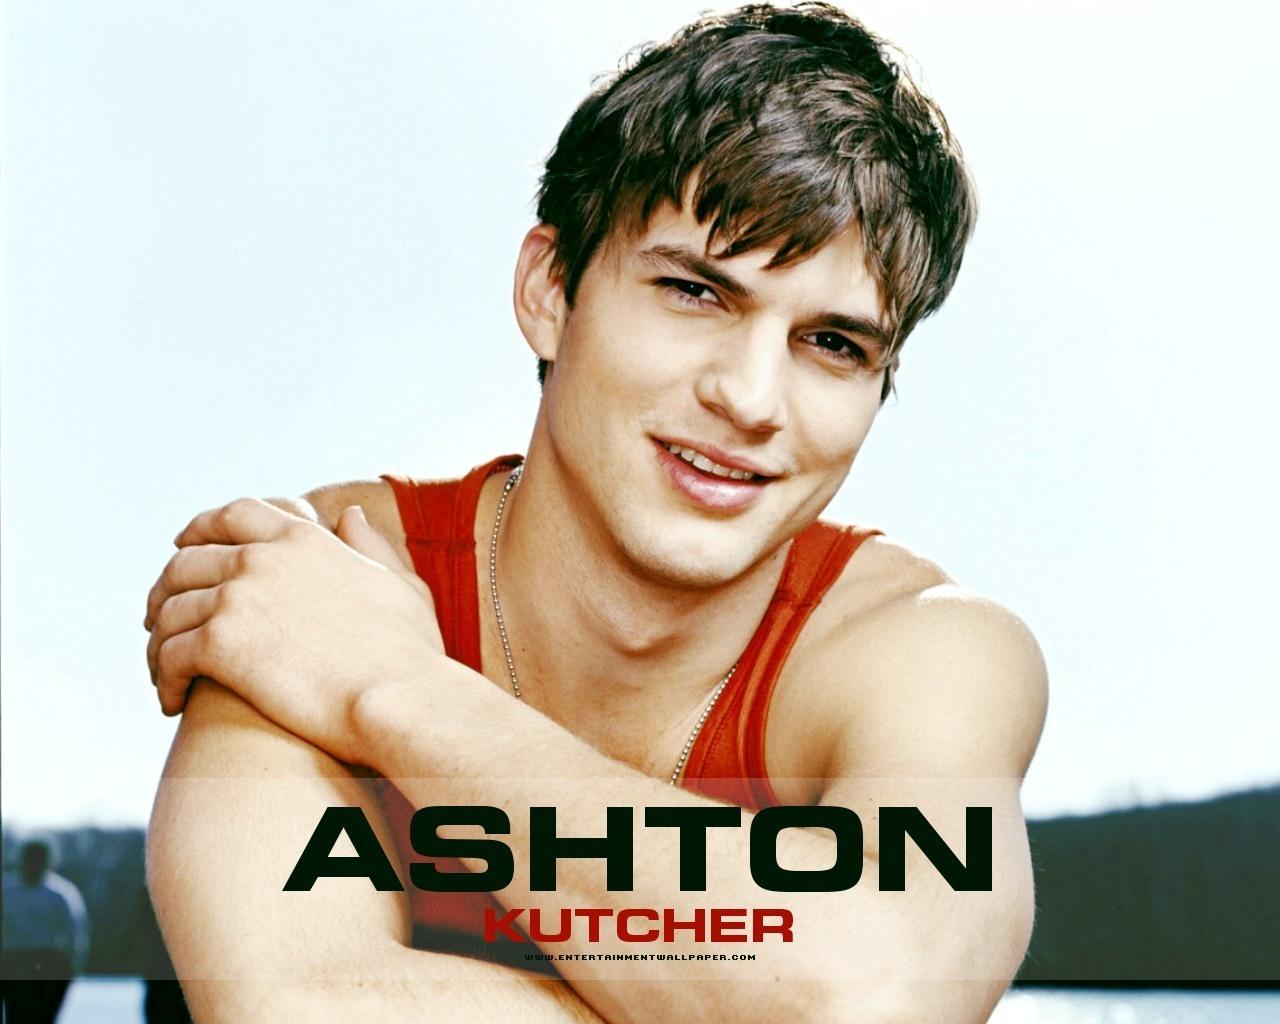 Ashton Kutcher   Ashton Kutcher Wallpaper 9942610 1280x1024